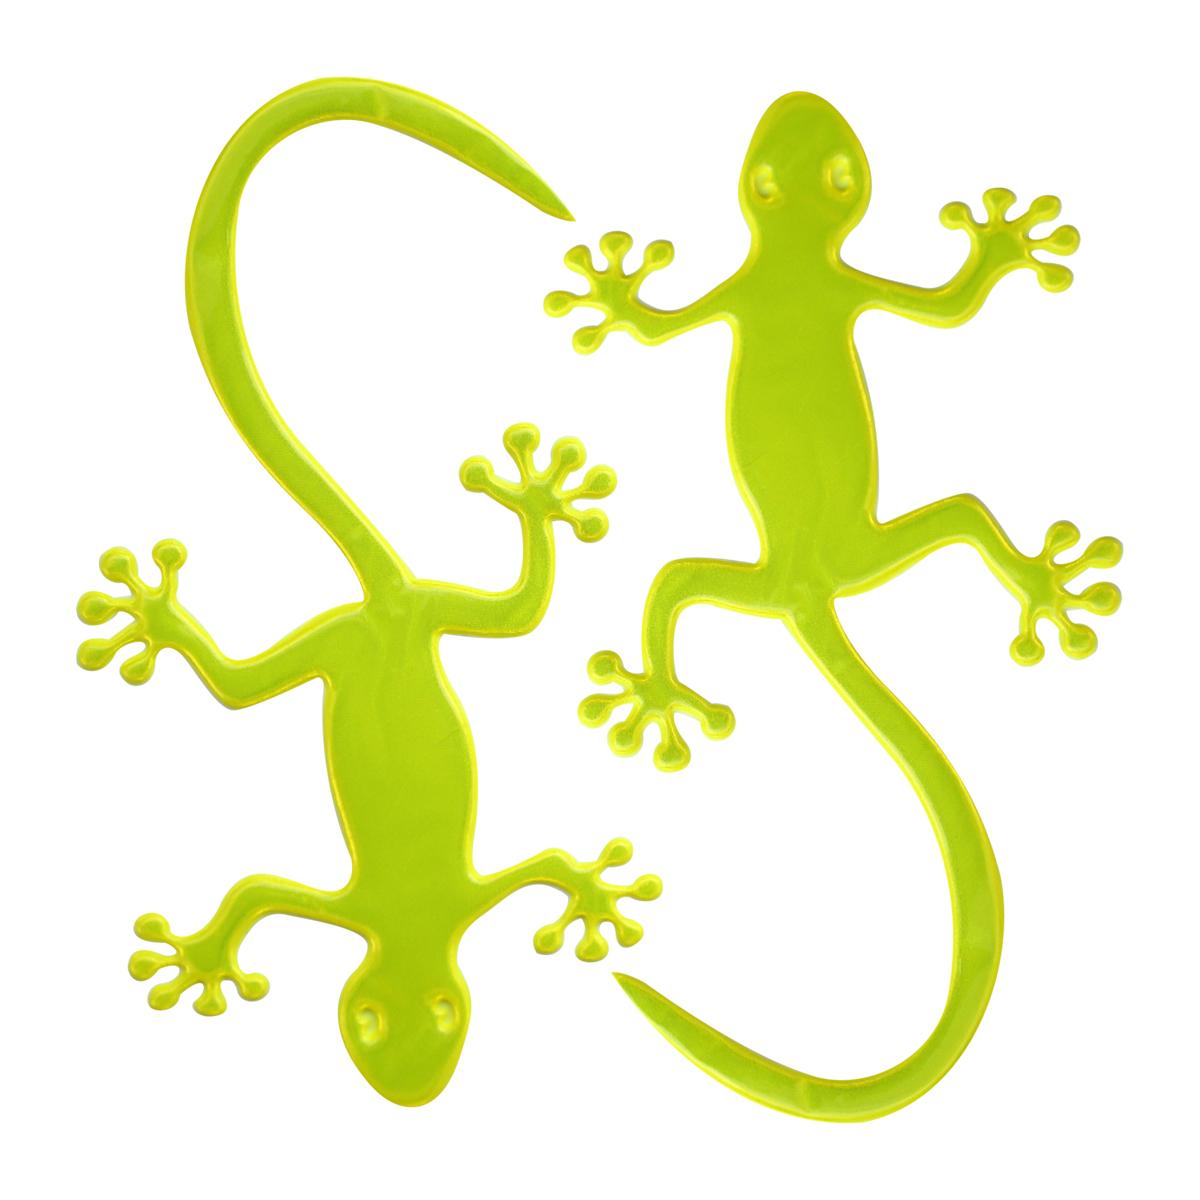 Наклейка светоотражающая Bestex Ящерица, цвет: желтый, 2 шт набор шкатулок для рукоделия bestex 3 шт zw001250